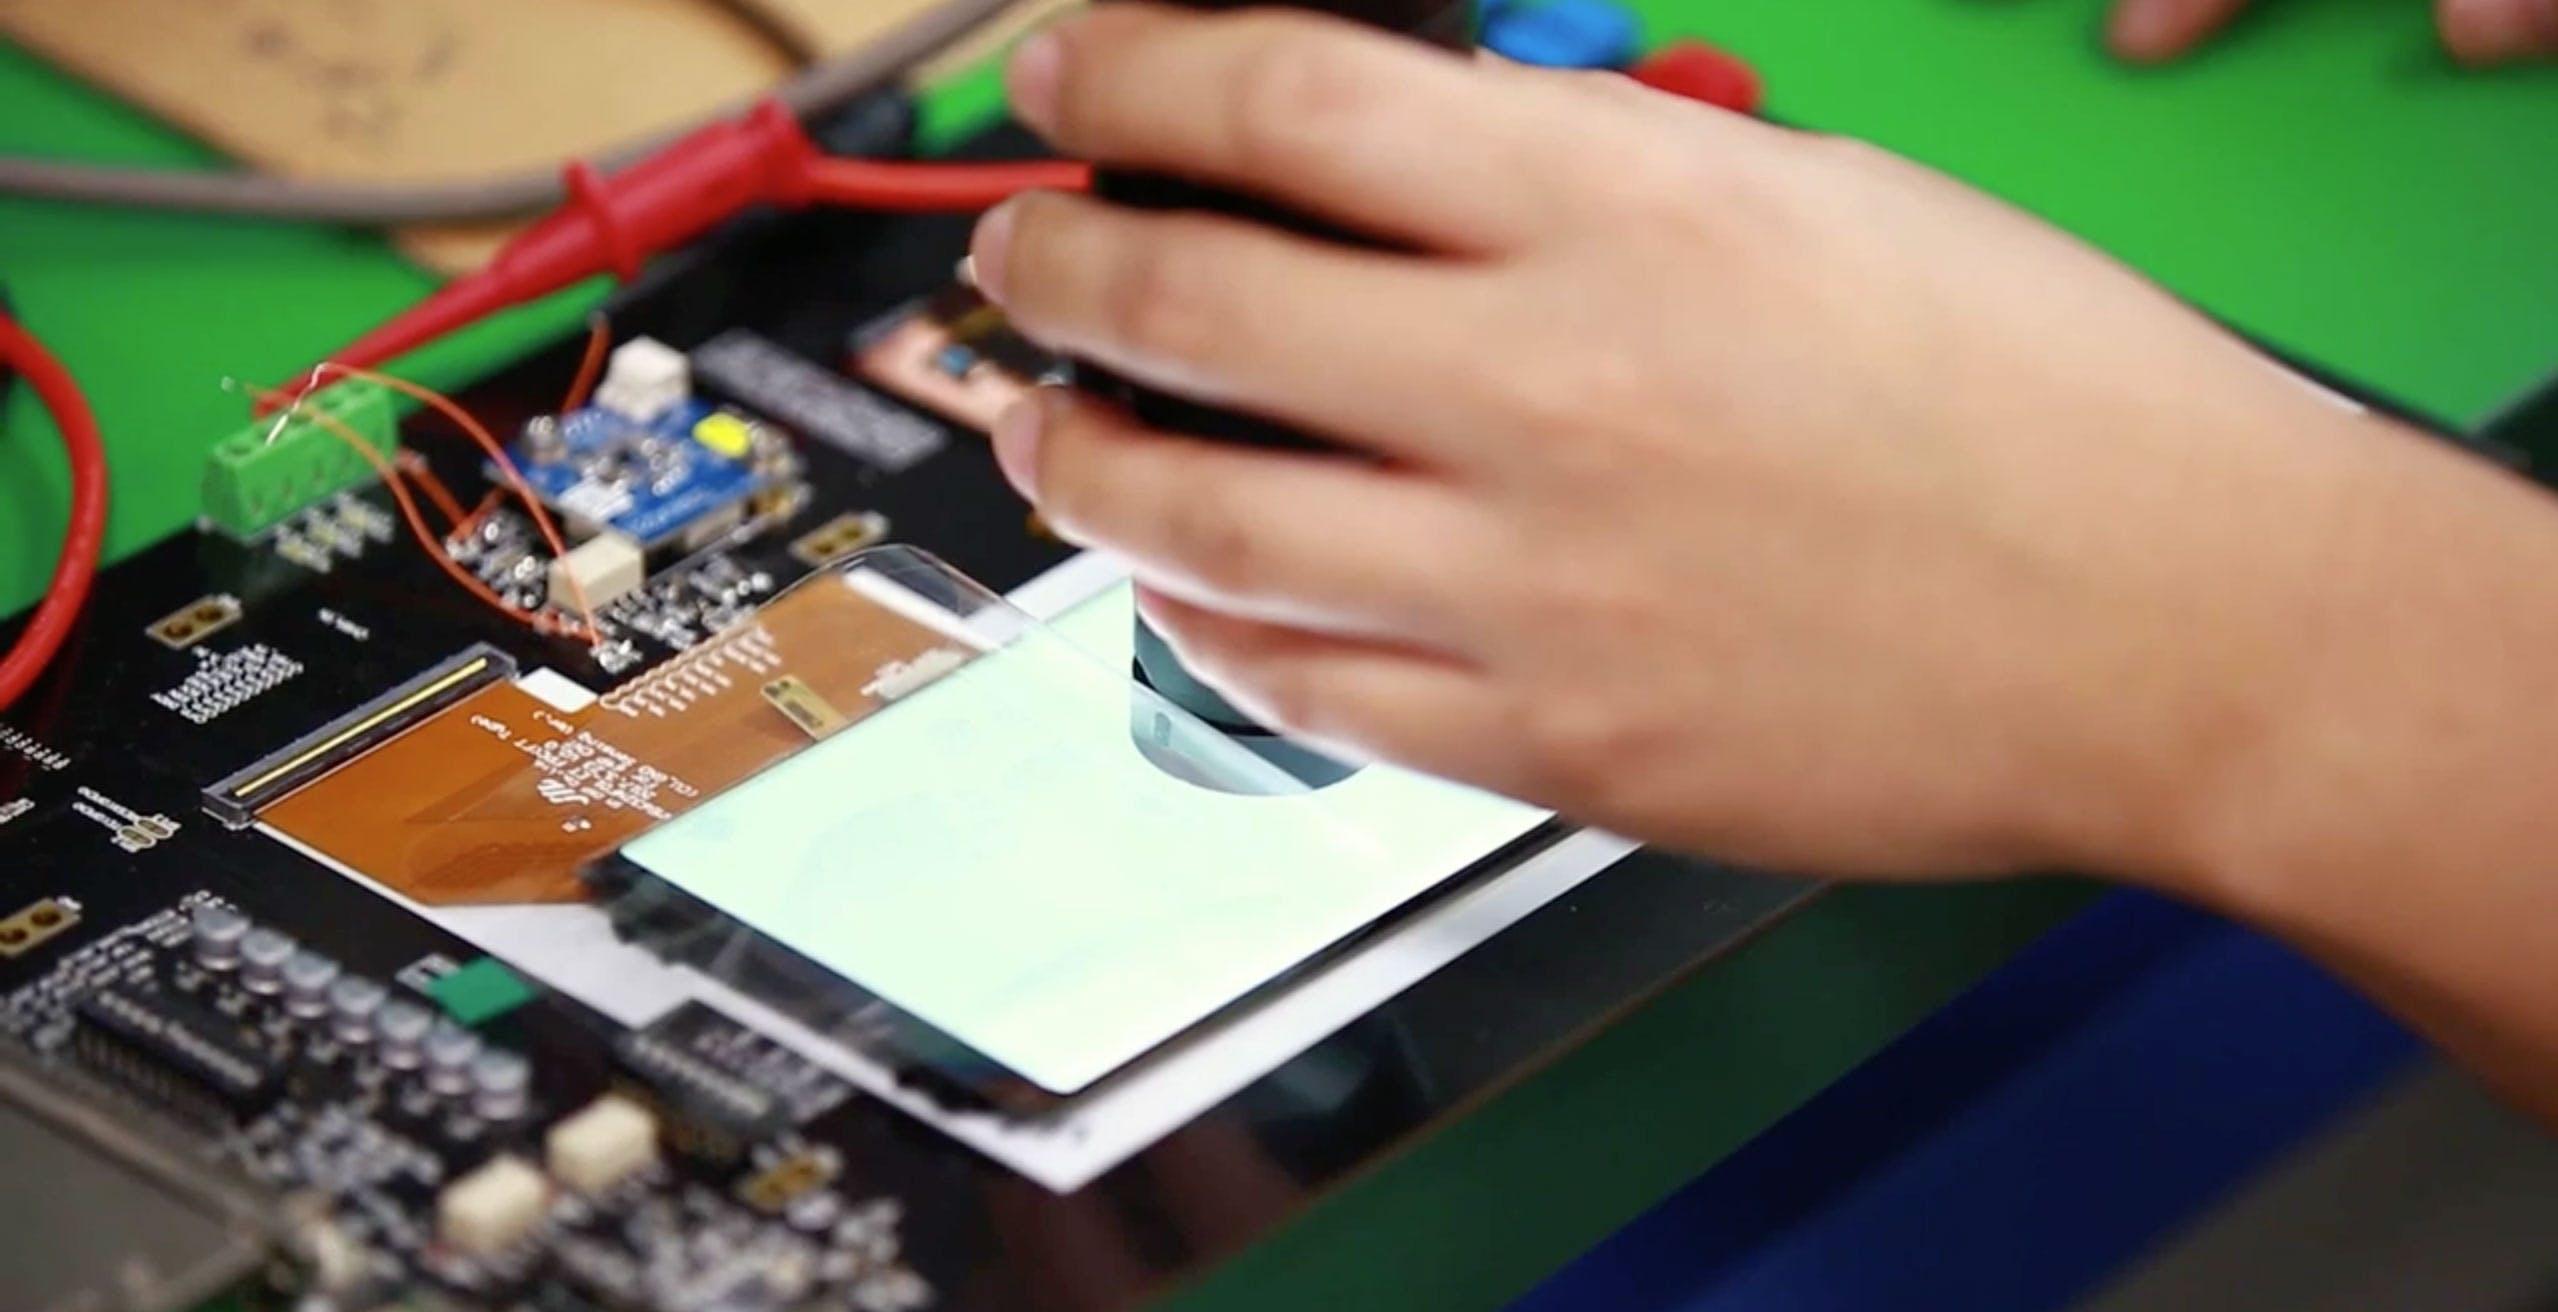 """iFixit bastona Samsung: """"Aveva promesso dispositivi riparabili, riutilizzabili e aperti. Poi ci ha ripensato"""""""